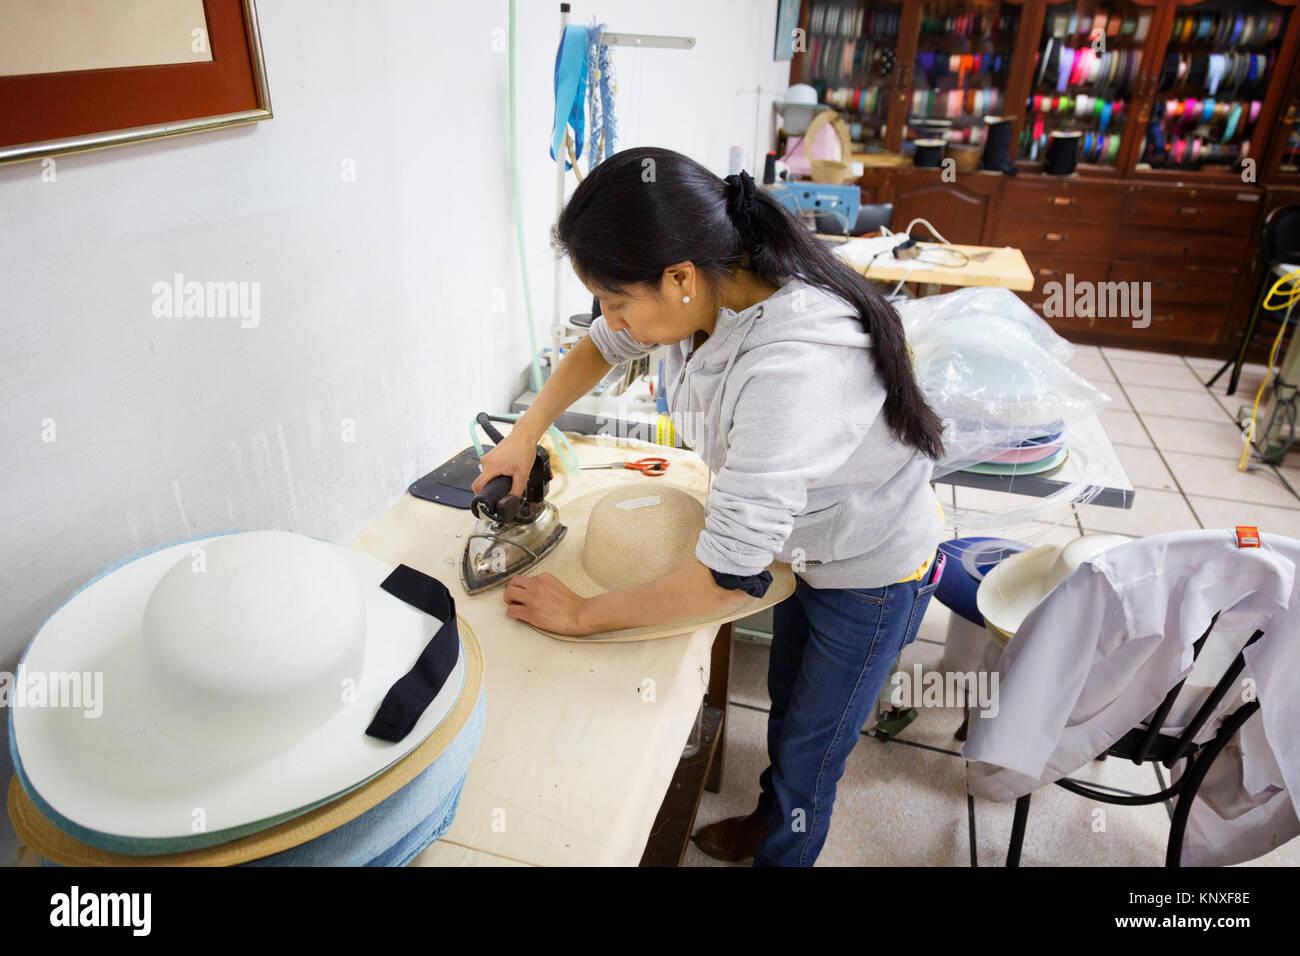 Homero Ortega Imágenes De Stock   Homero Ortega Fotos De Stock - Alamy ea262efbde2